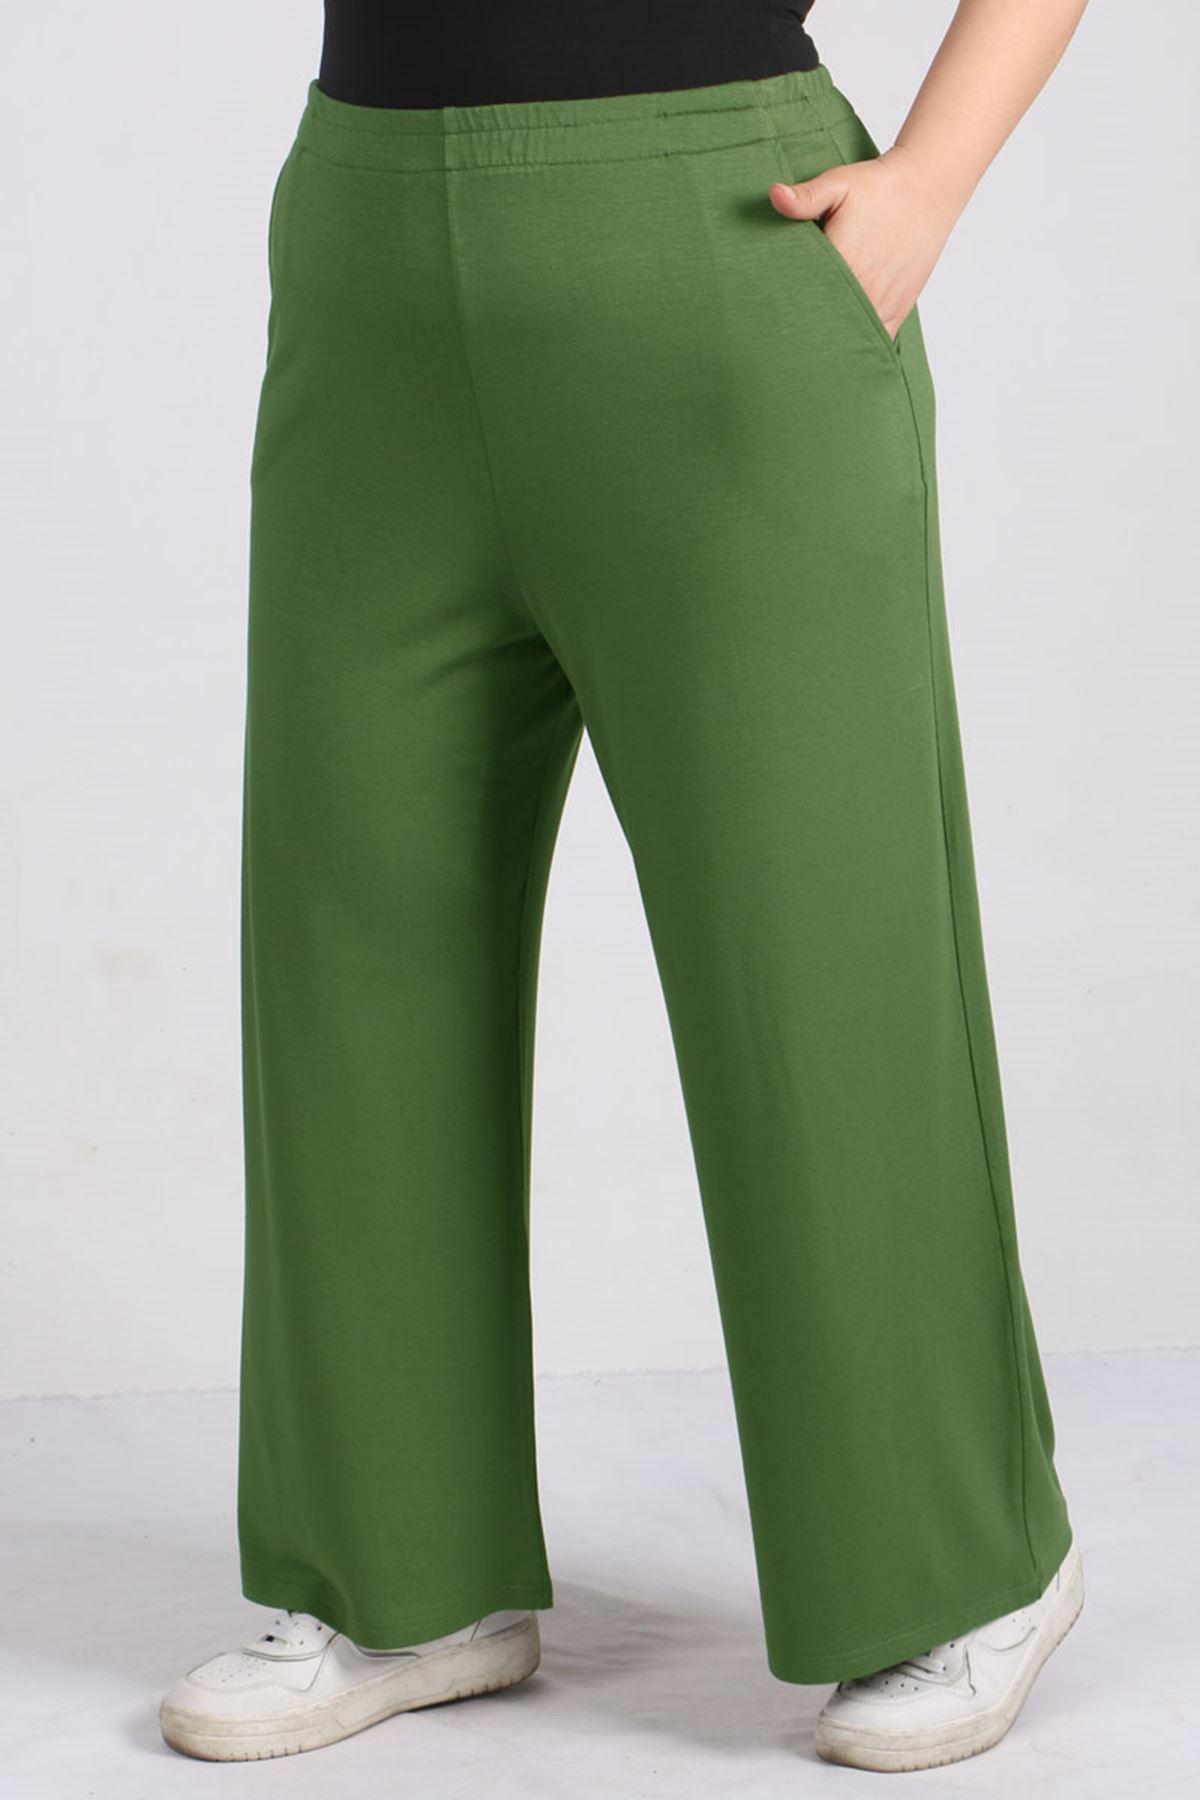 9012 Büyük Beden Beli Lastikli Penye Pantolon -Yeşil